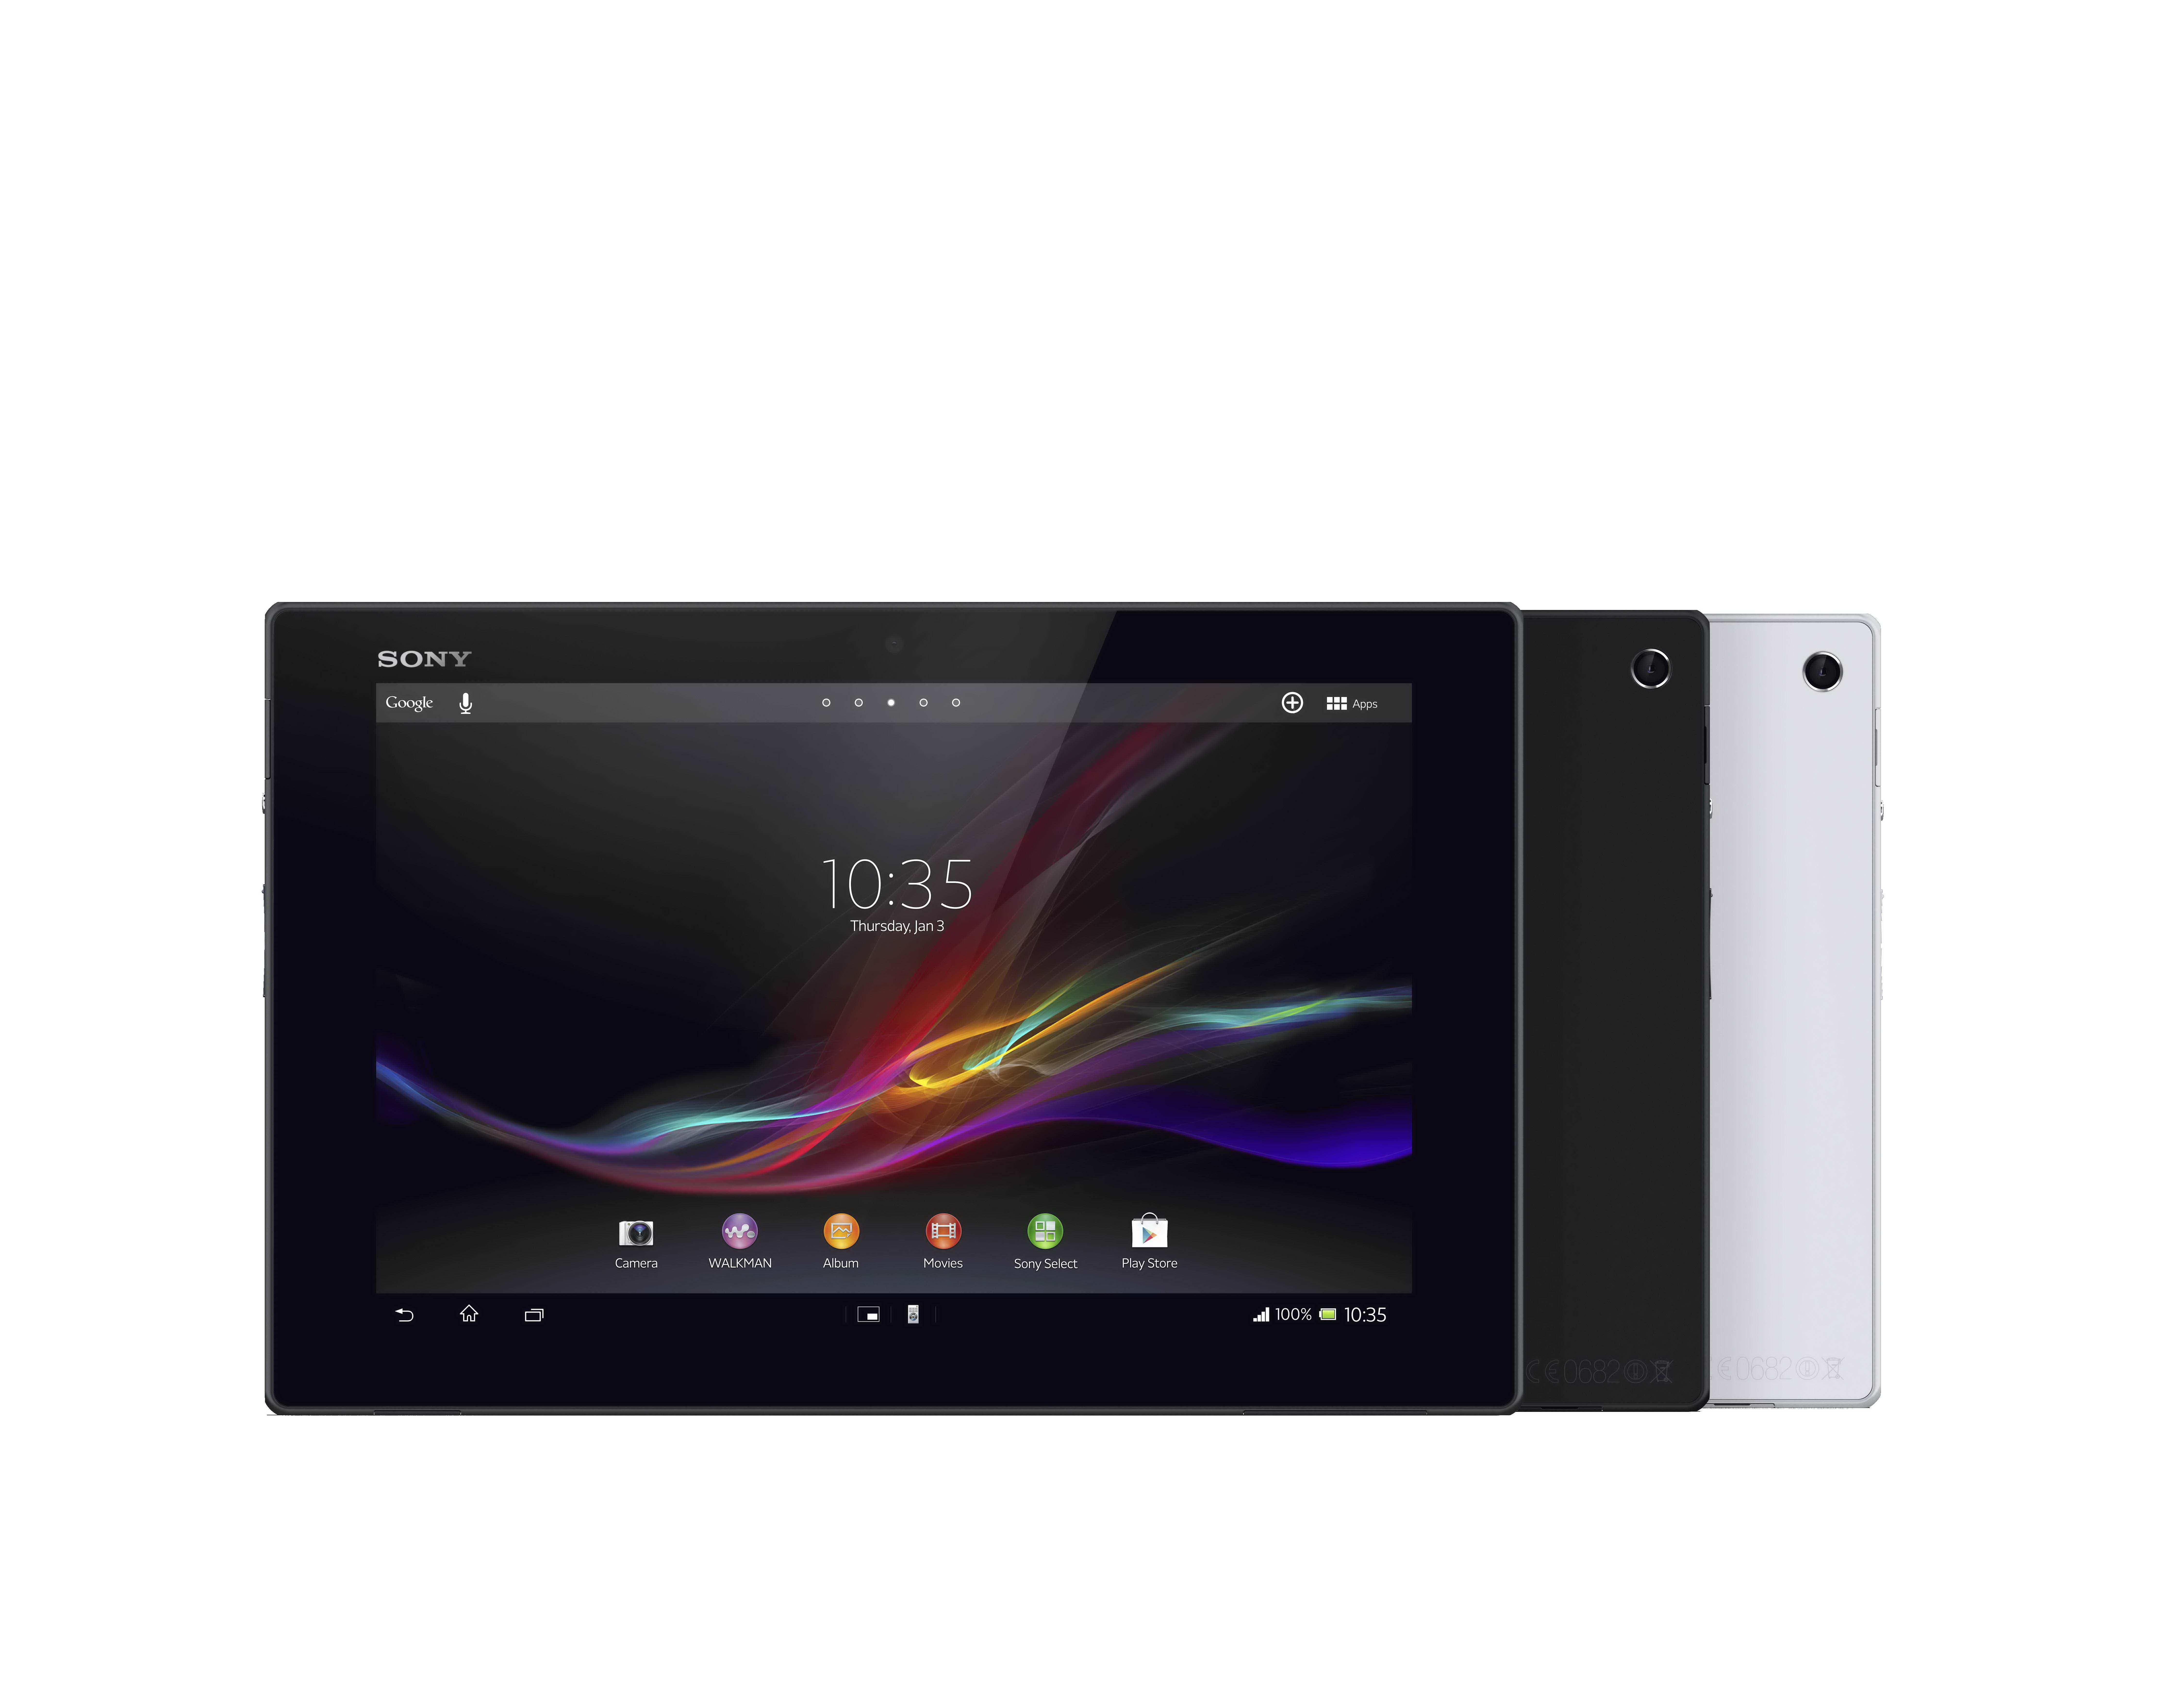 โซนี่ เผยโฉม Xperia Tablet Z แท็บเล็ตกันน้ำได้และบางที่สุด ...